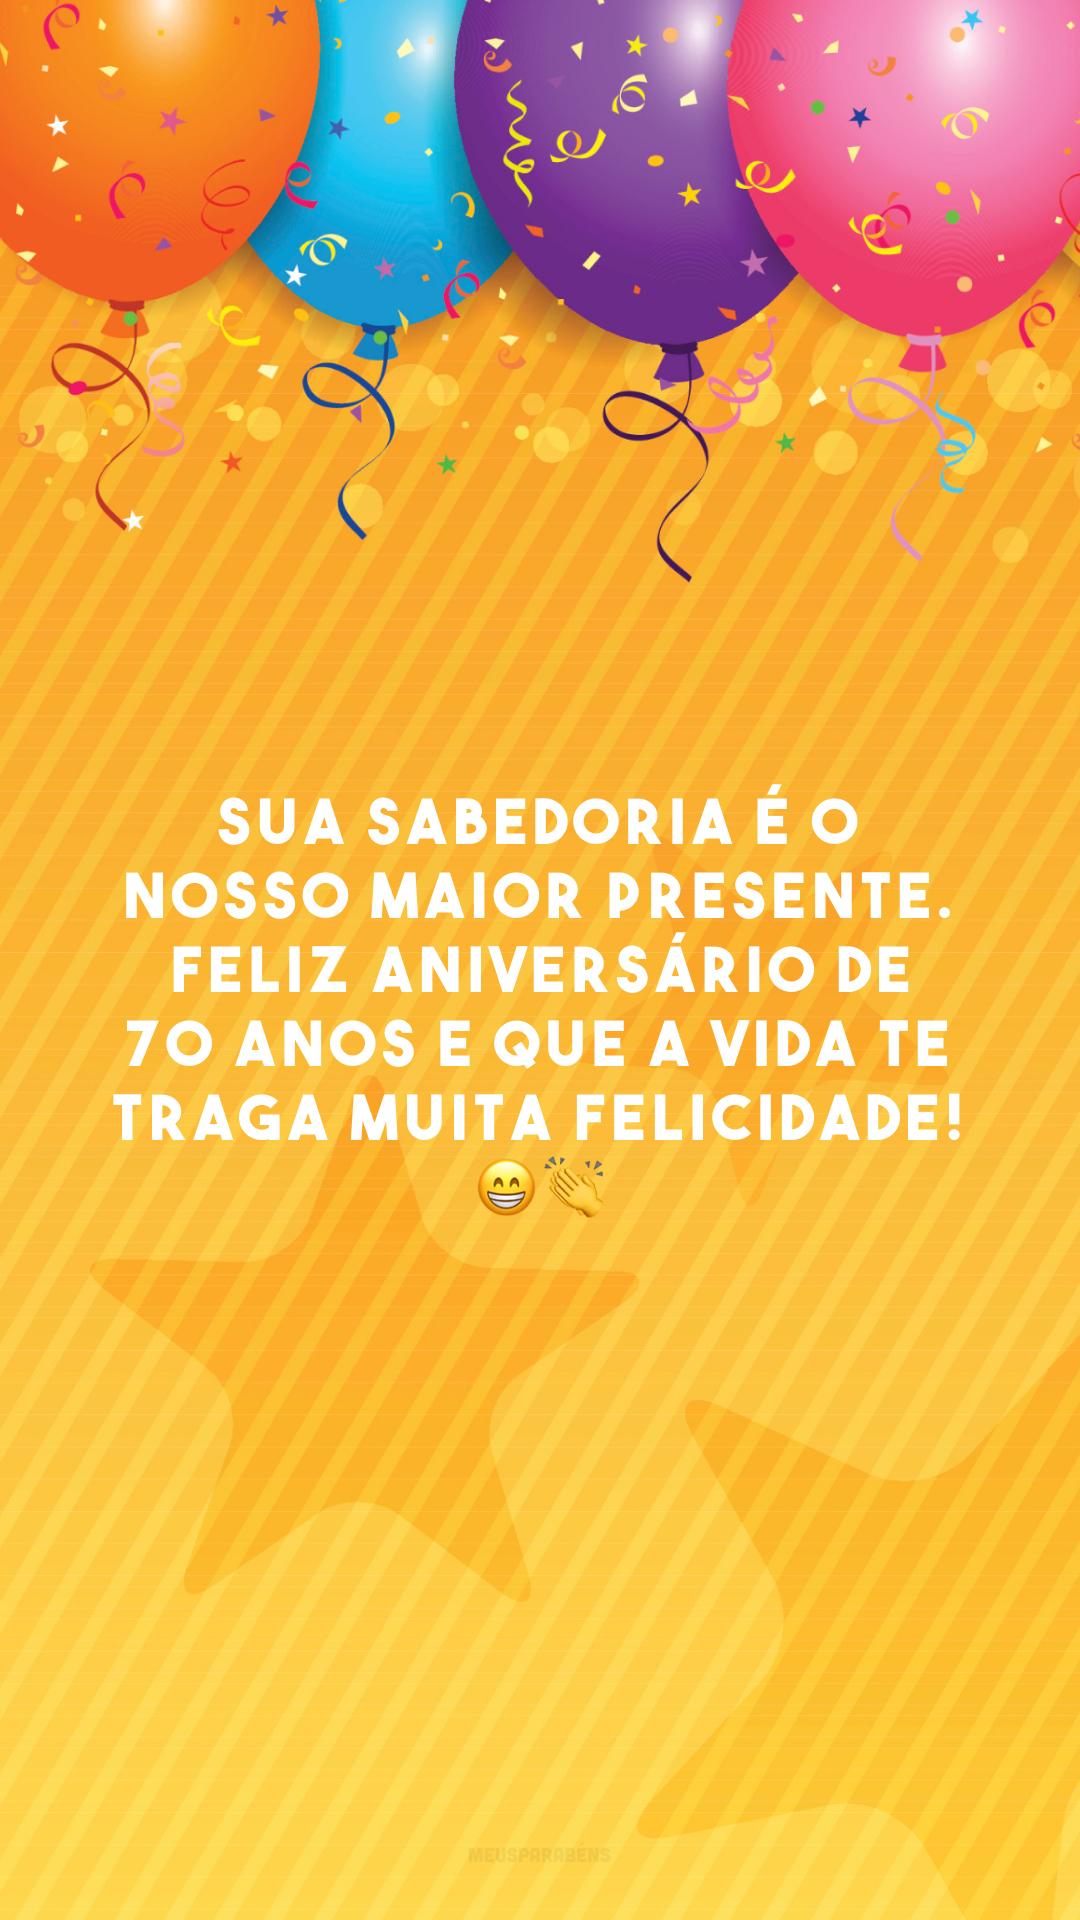 Sua sabedoria é o nosso maior presente. Feliz aniversário de 70 anos e que a vida te traga muita felicidade! 😁👏